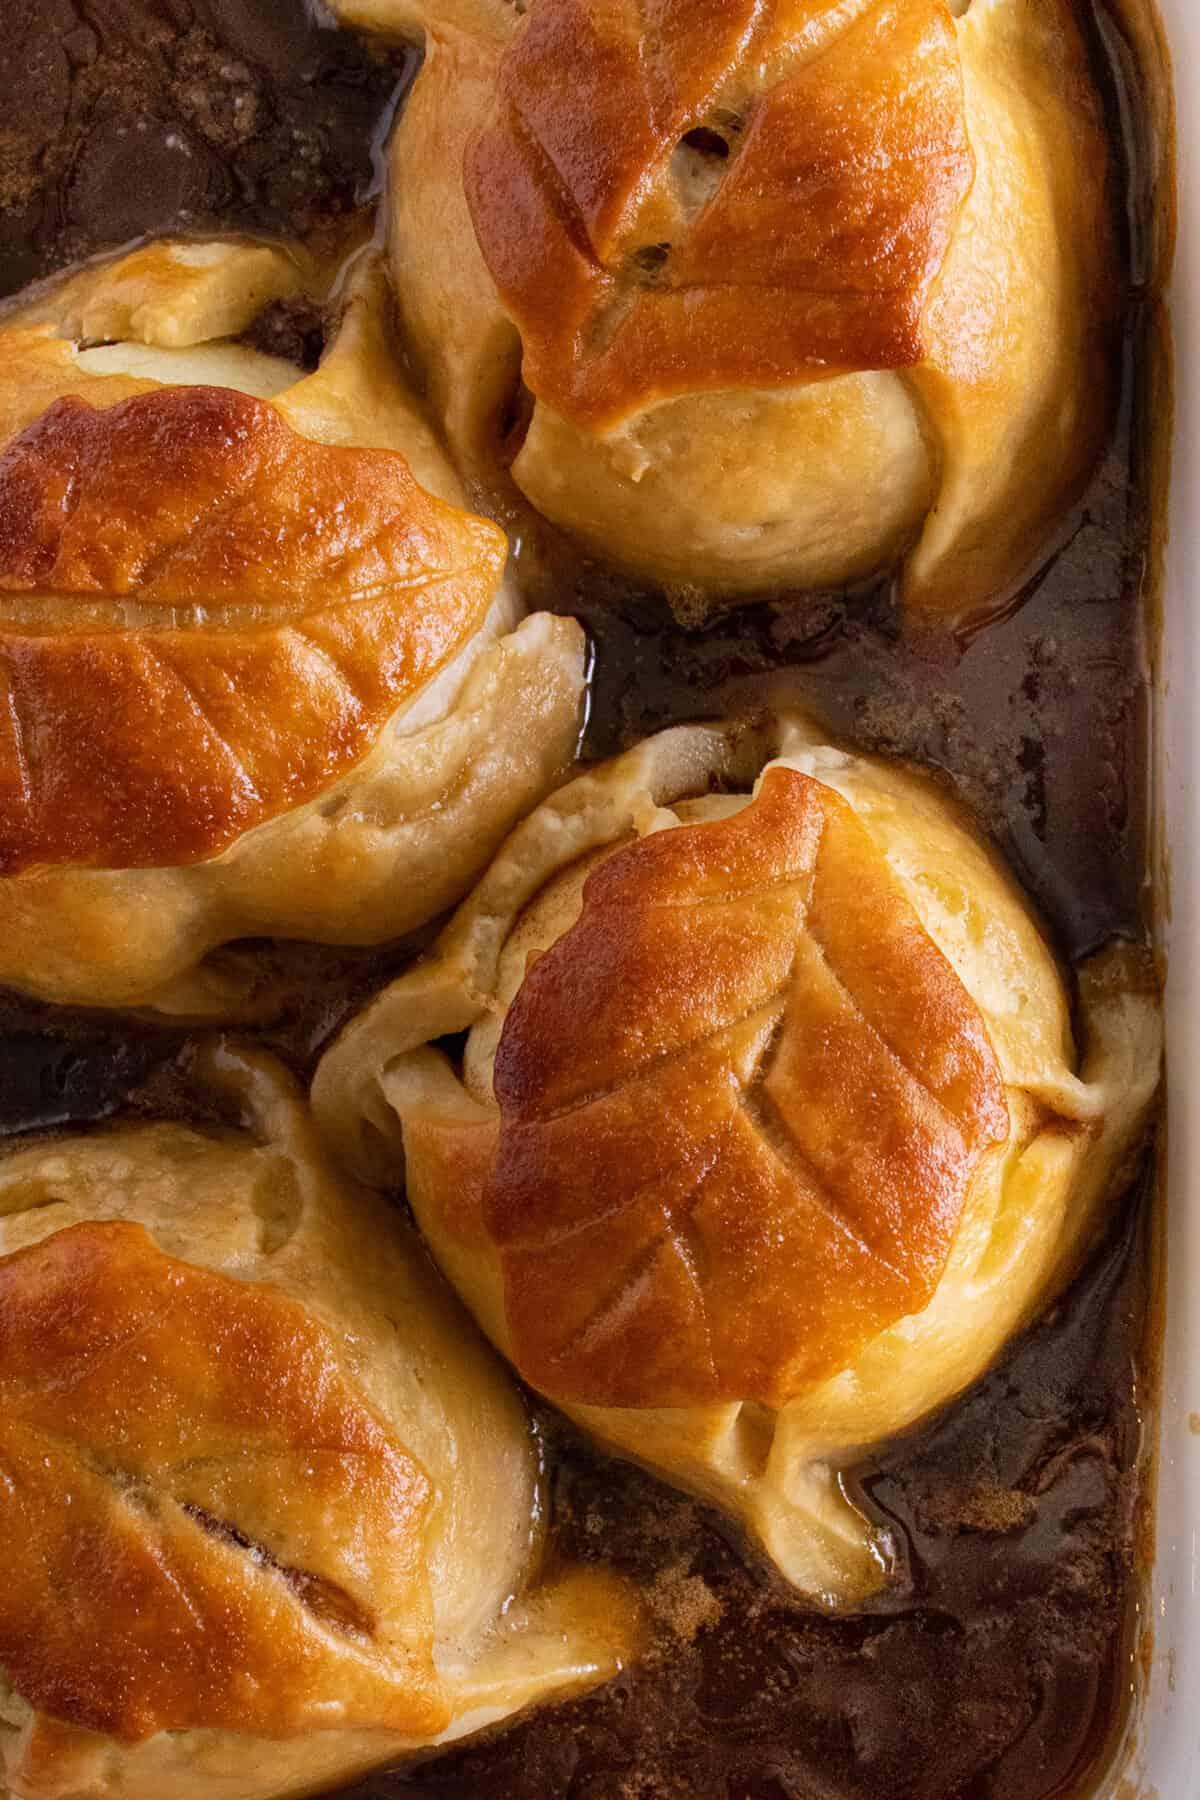 baked apple dumplings in brown sugar syrup